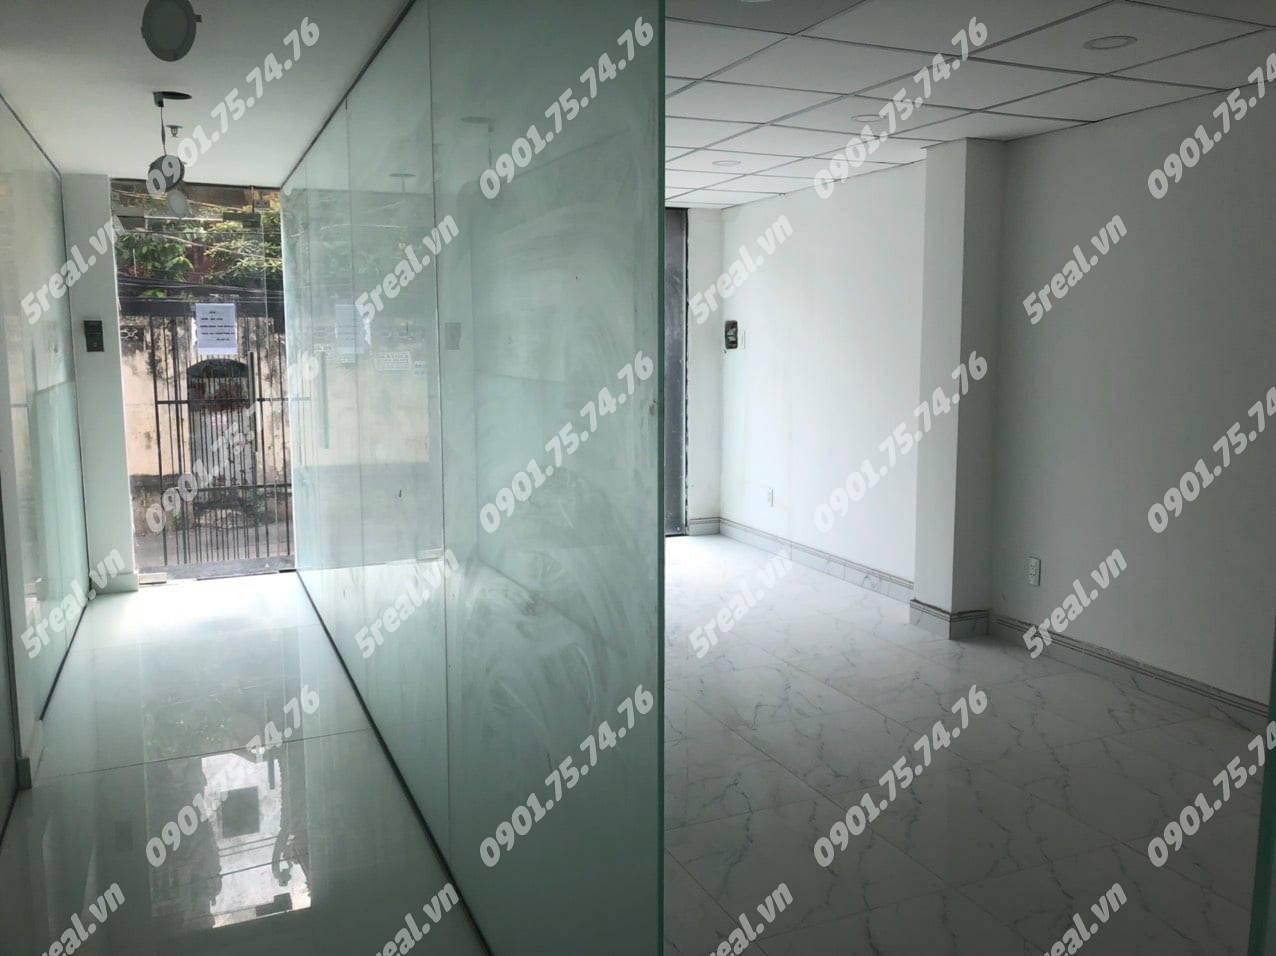 nguyen-duy-building-quan-binh-thanh-van-phong-cho-thue-5real.vn-01